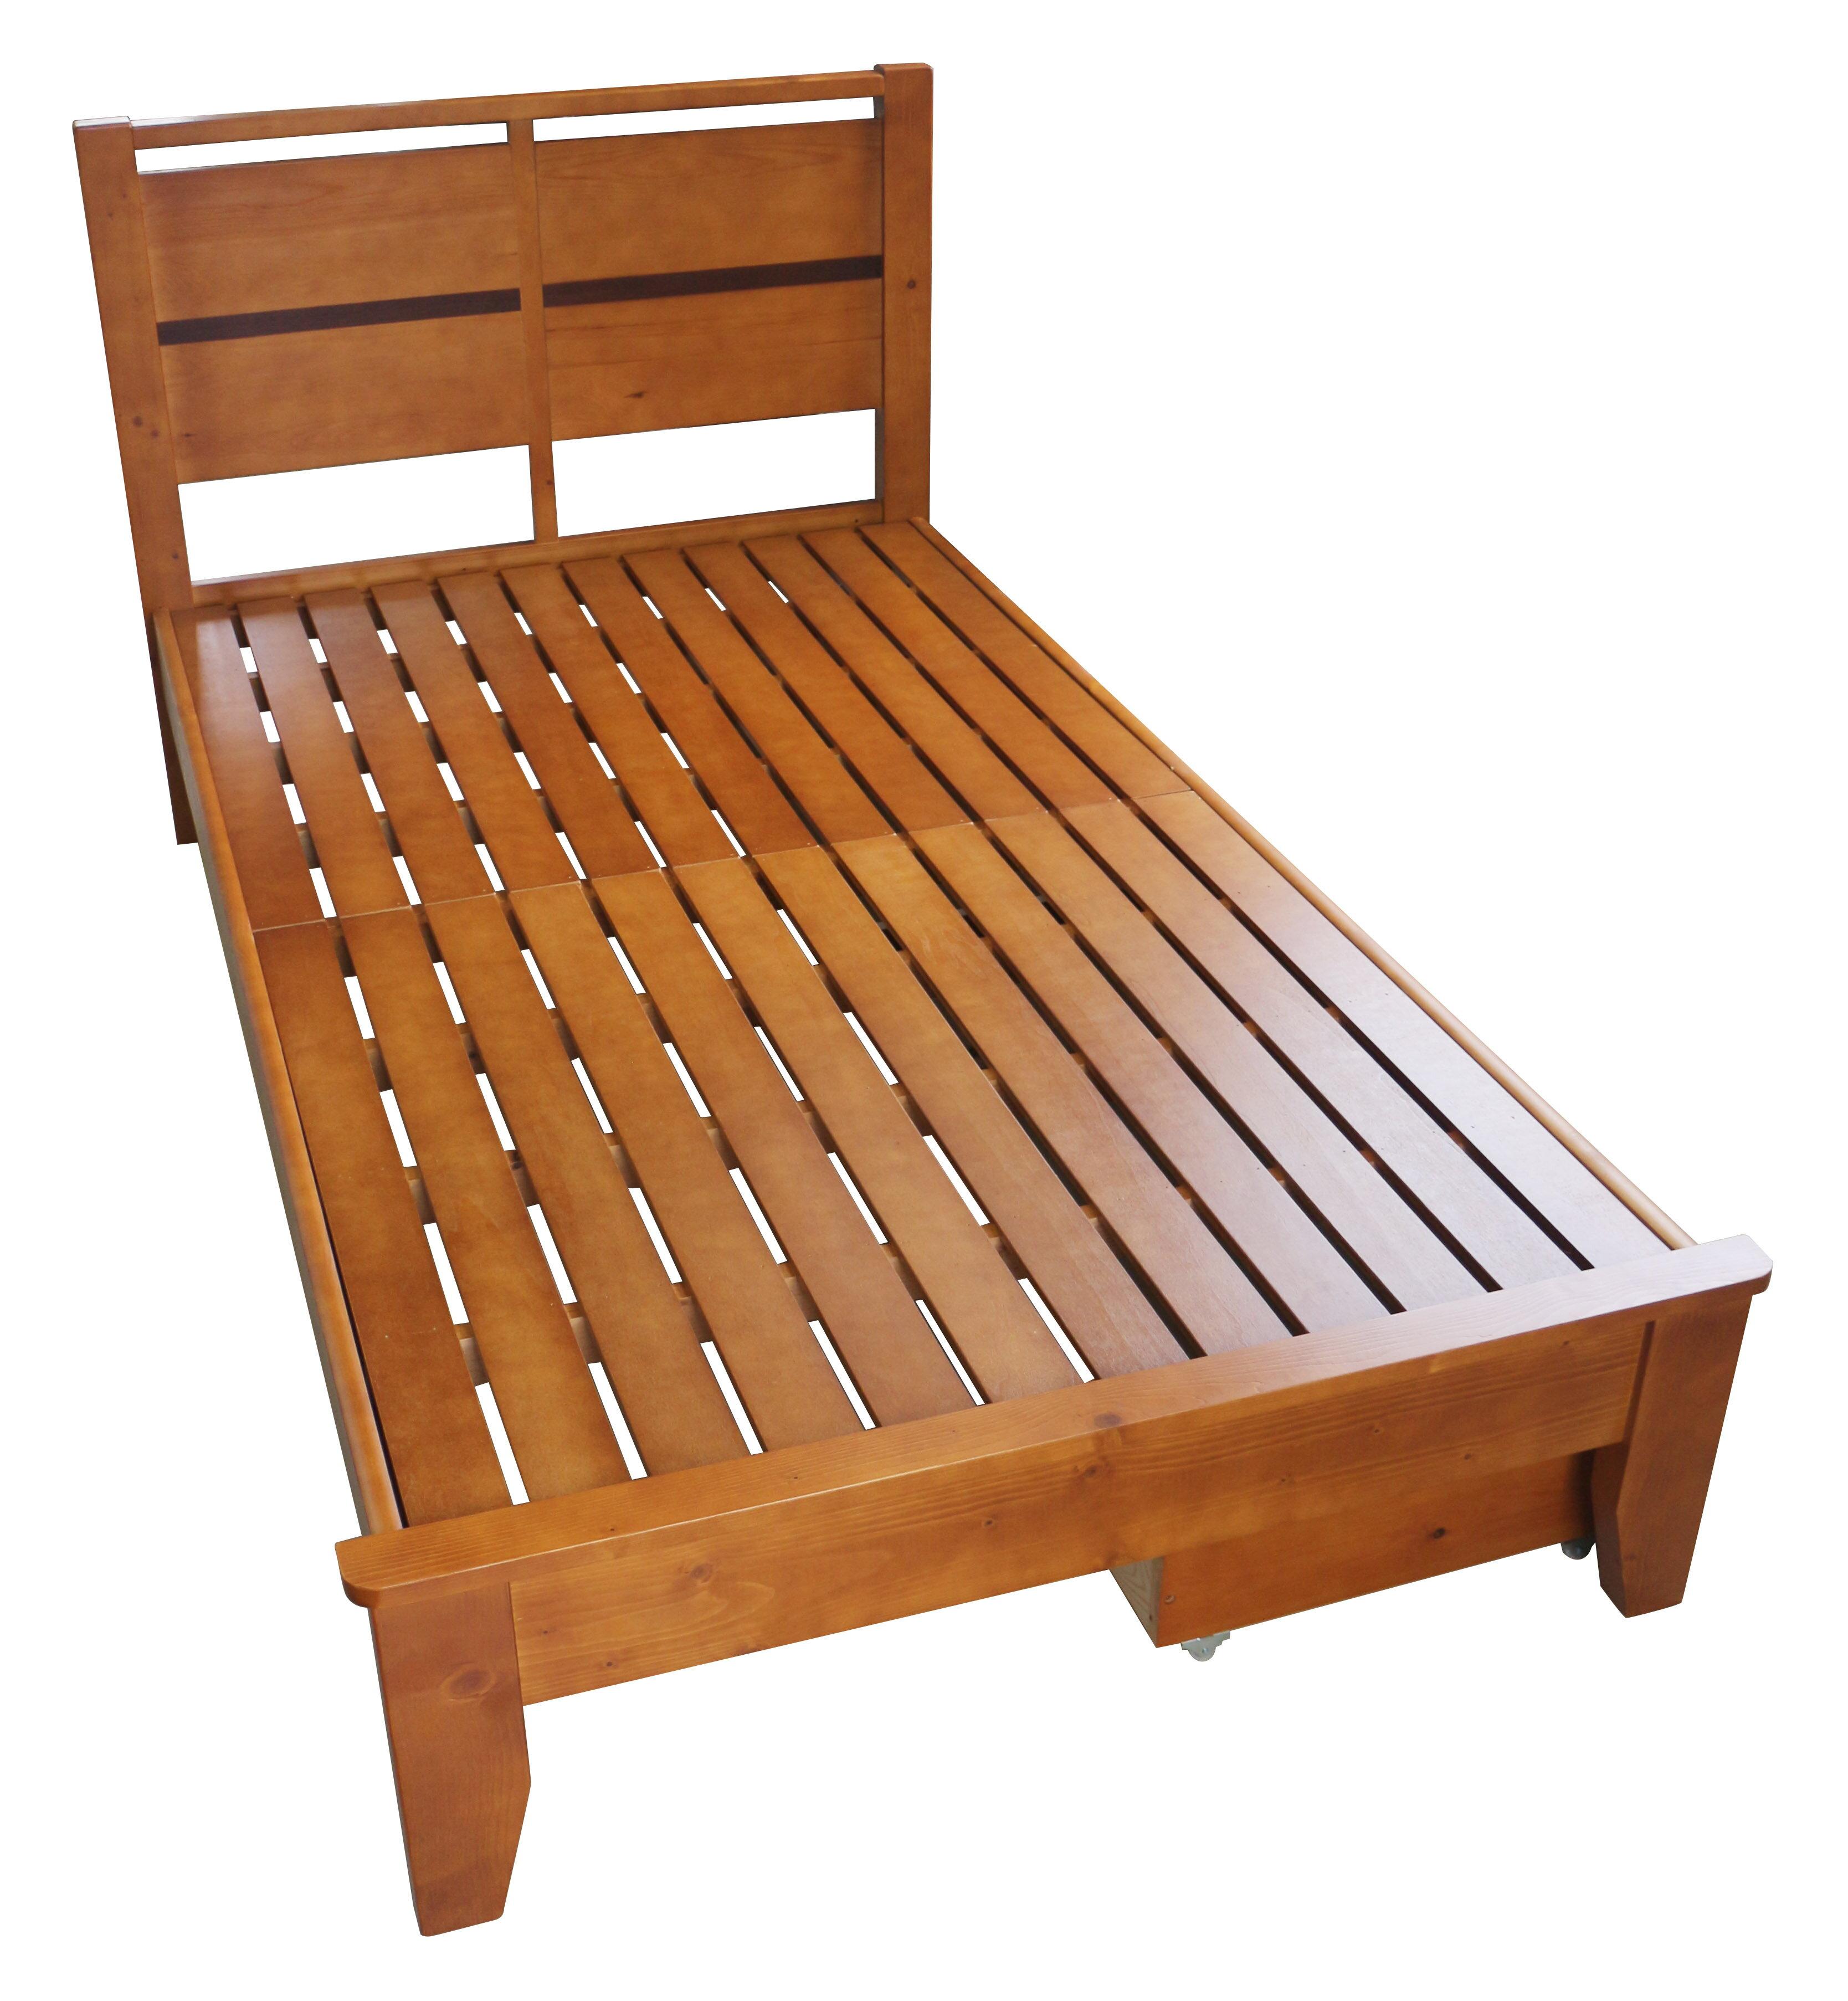 【尚品傢俱】YC-29 愛麗絲3.5尺抽屜床架~另有5尺/雅房床台/套房床架/臥室床台/寢室床架